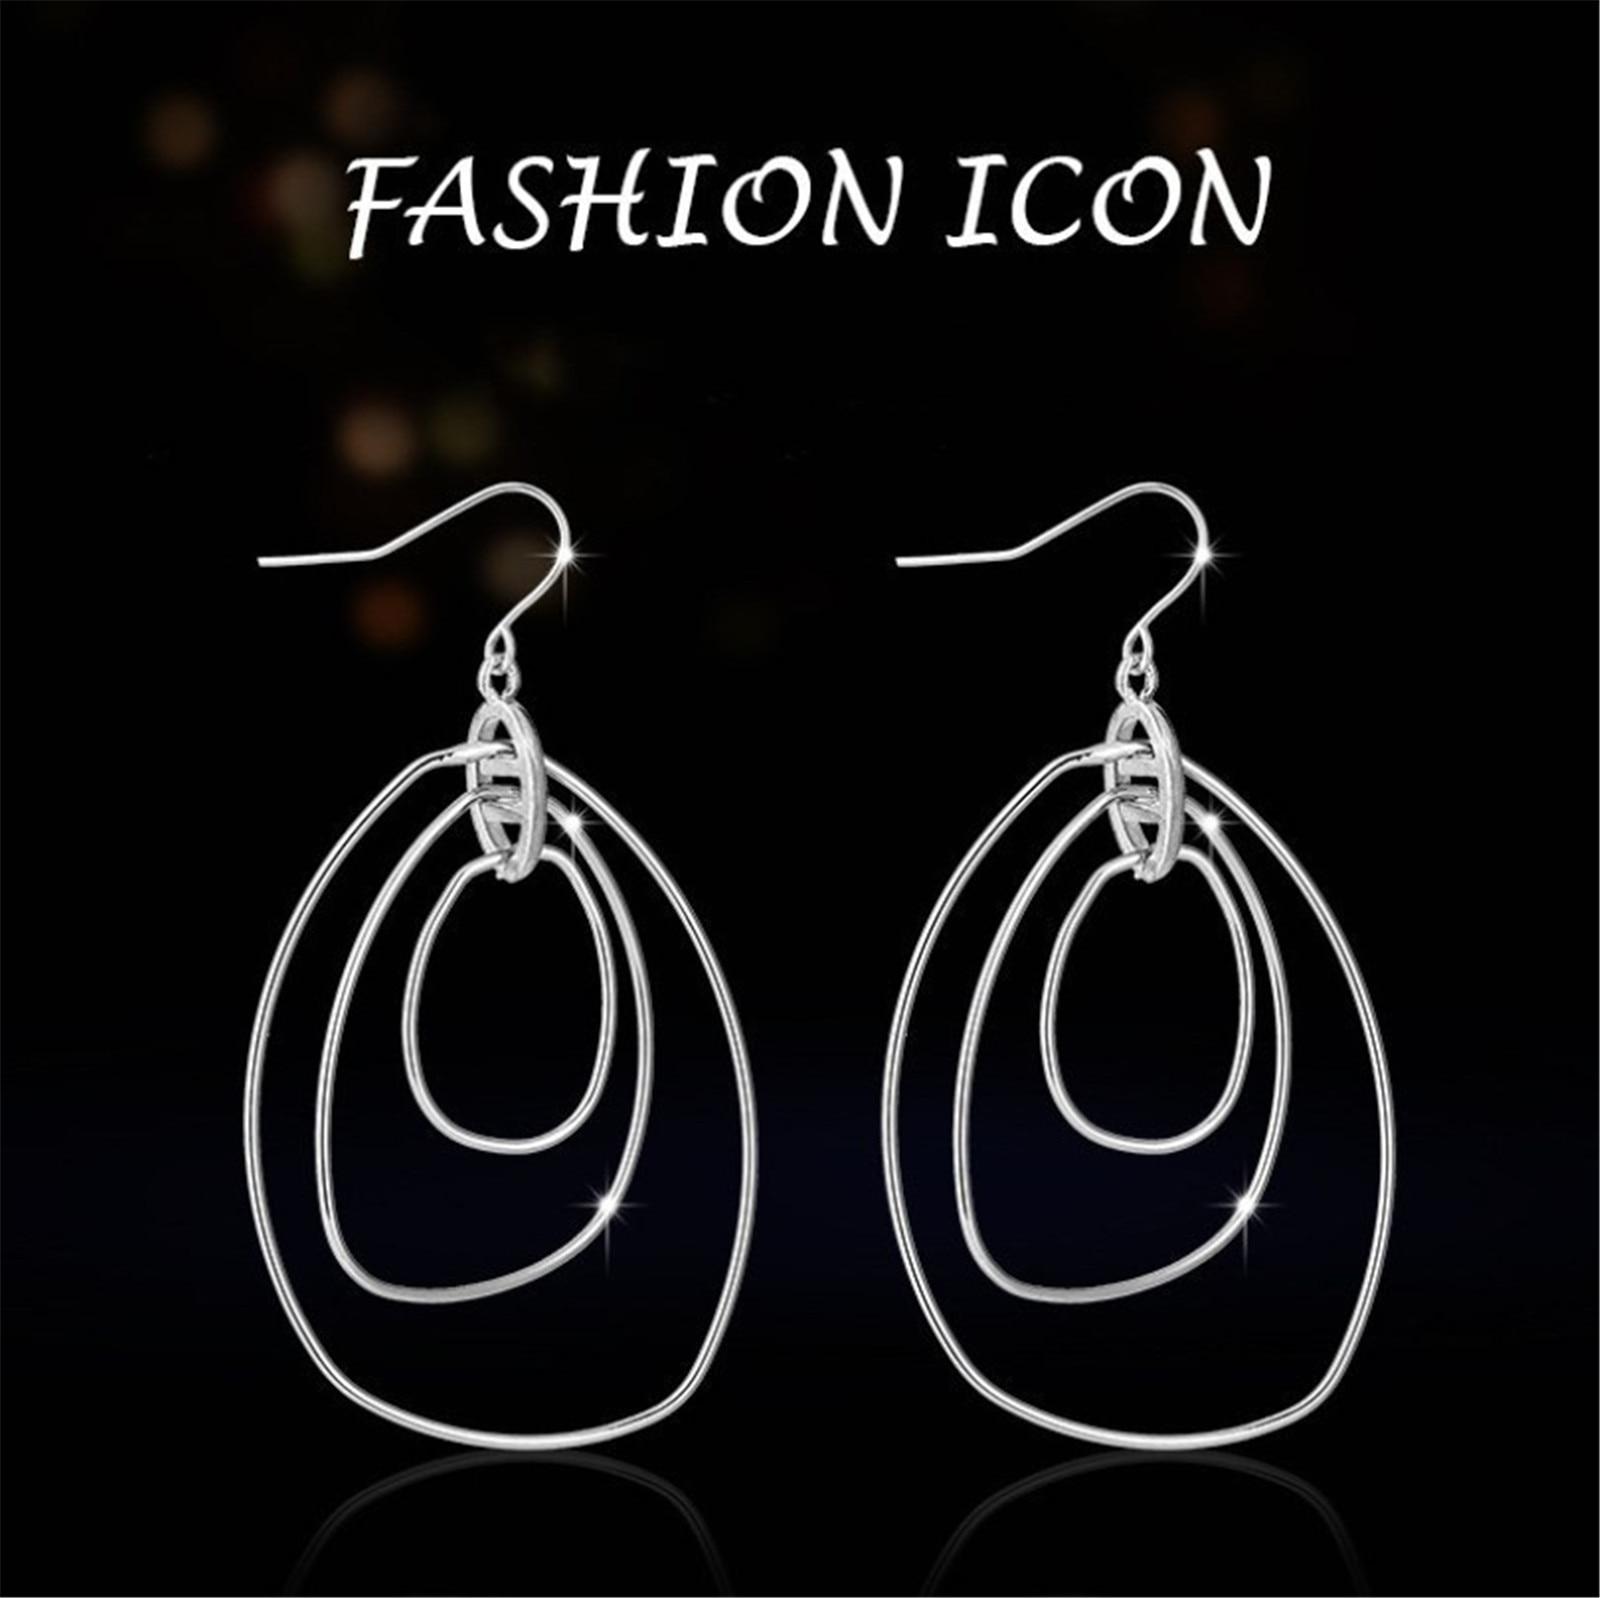 Модные висячие серьги в Корейском стиле, трехслойные полые круглые серьги, массивные круглые Висячие серьги для женщин 2020